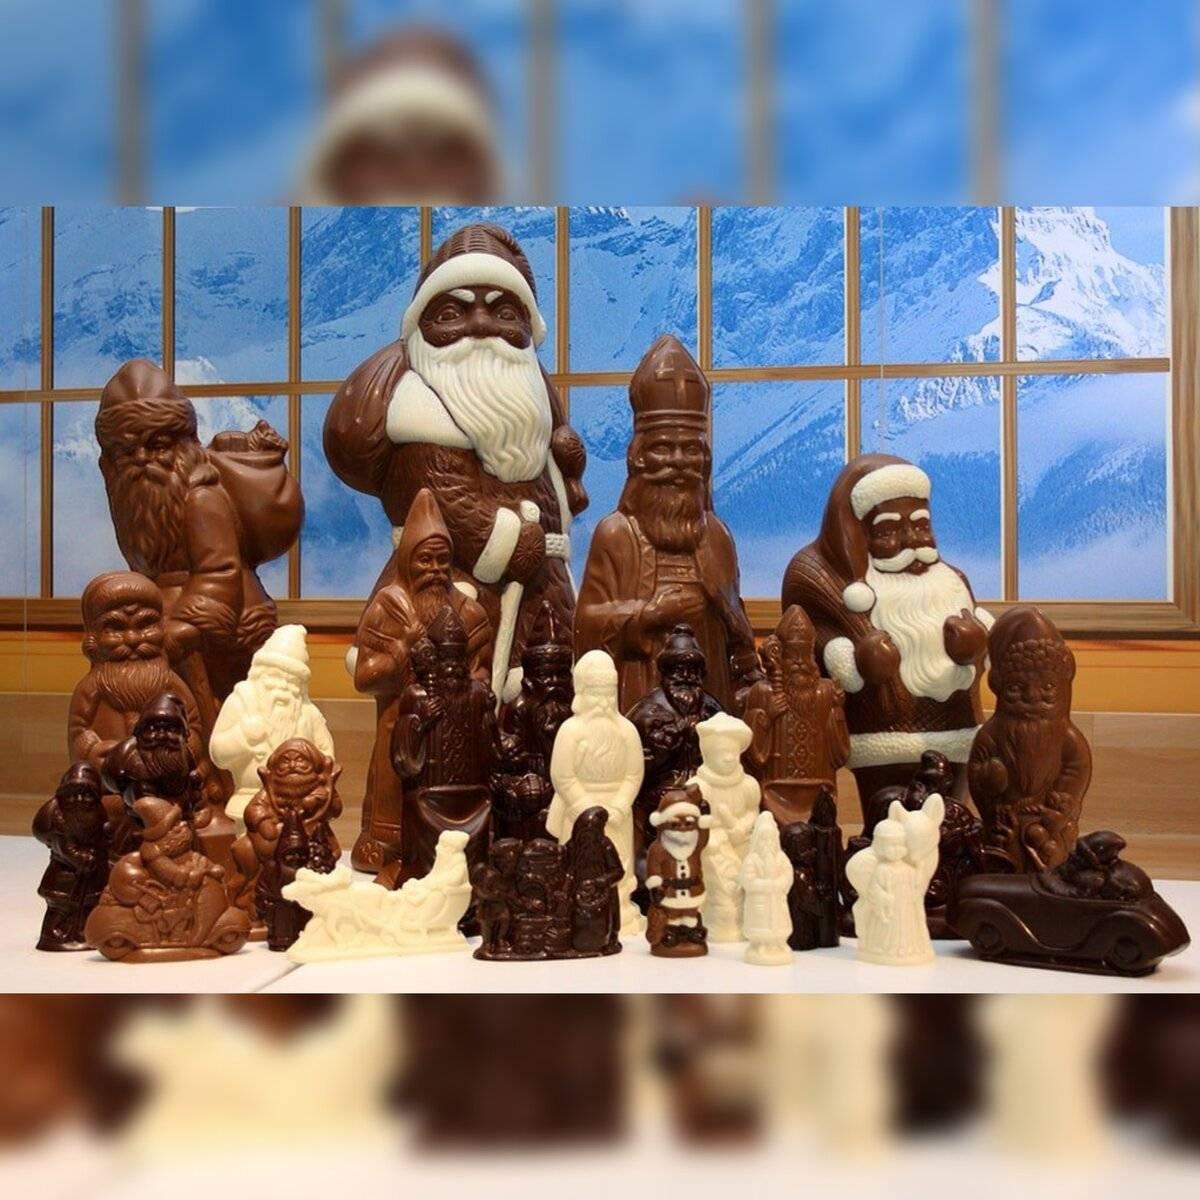 Музей шоколада, кельн (германия): история, фото, как добраться, адрес на карте и время работы в 2021